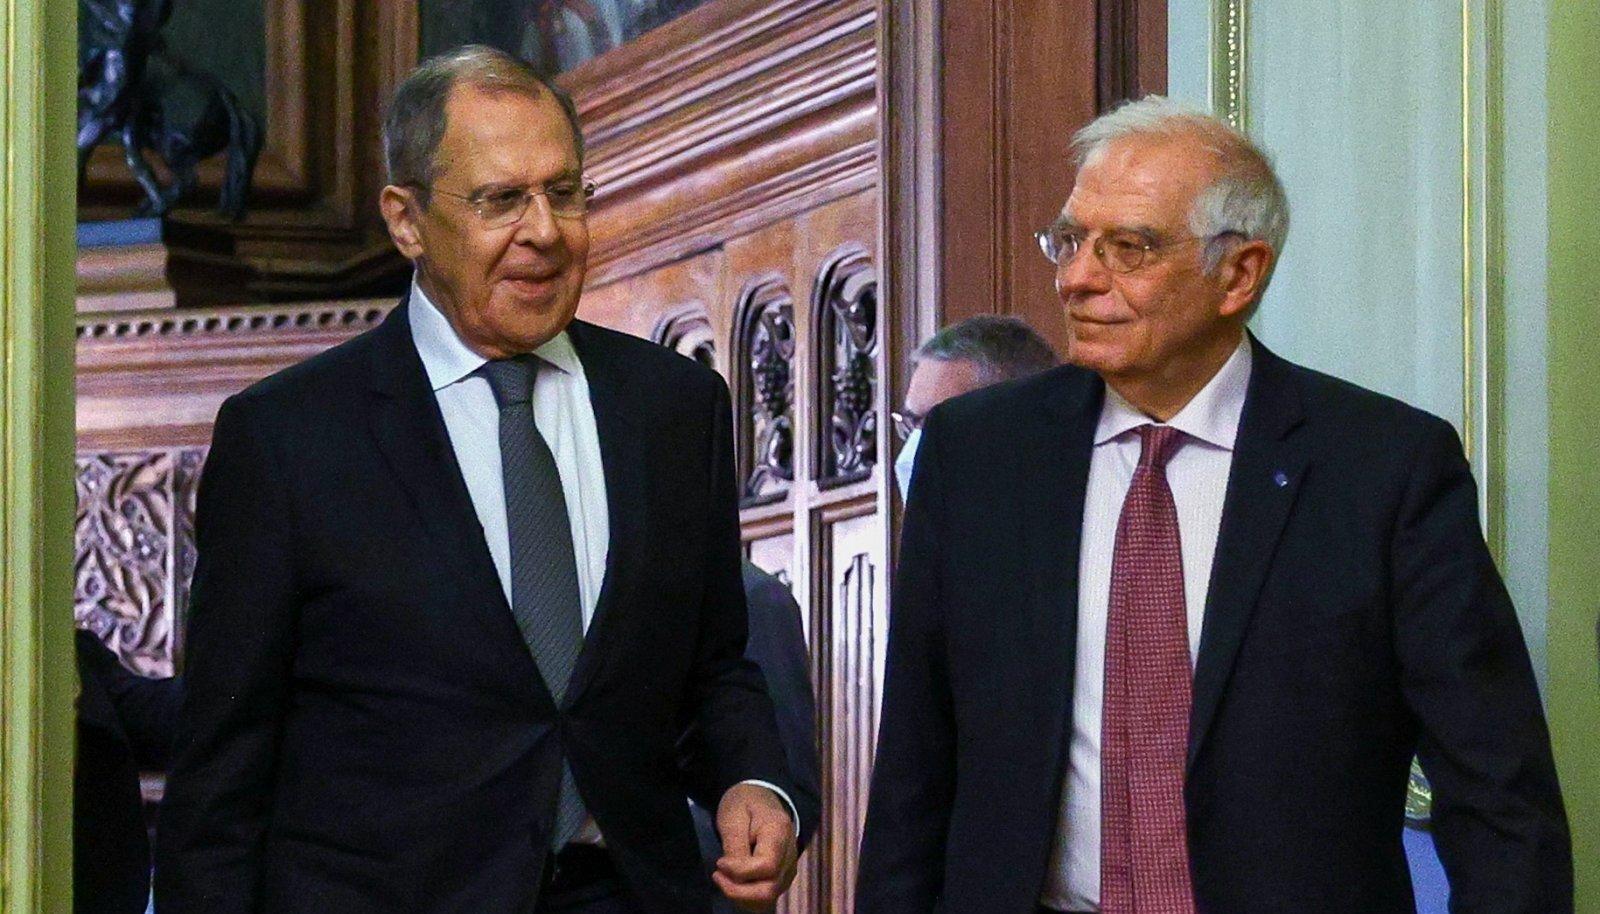 HÄBIPLEKK: Euroopa esindaja Borrell lasi Vene välisminister Lavrovil endast üle sõita.